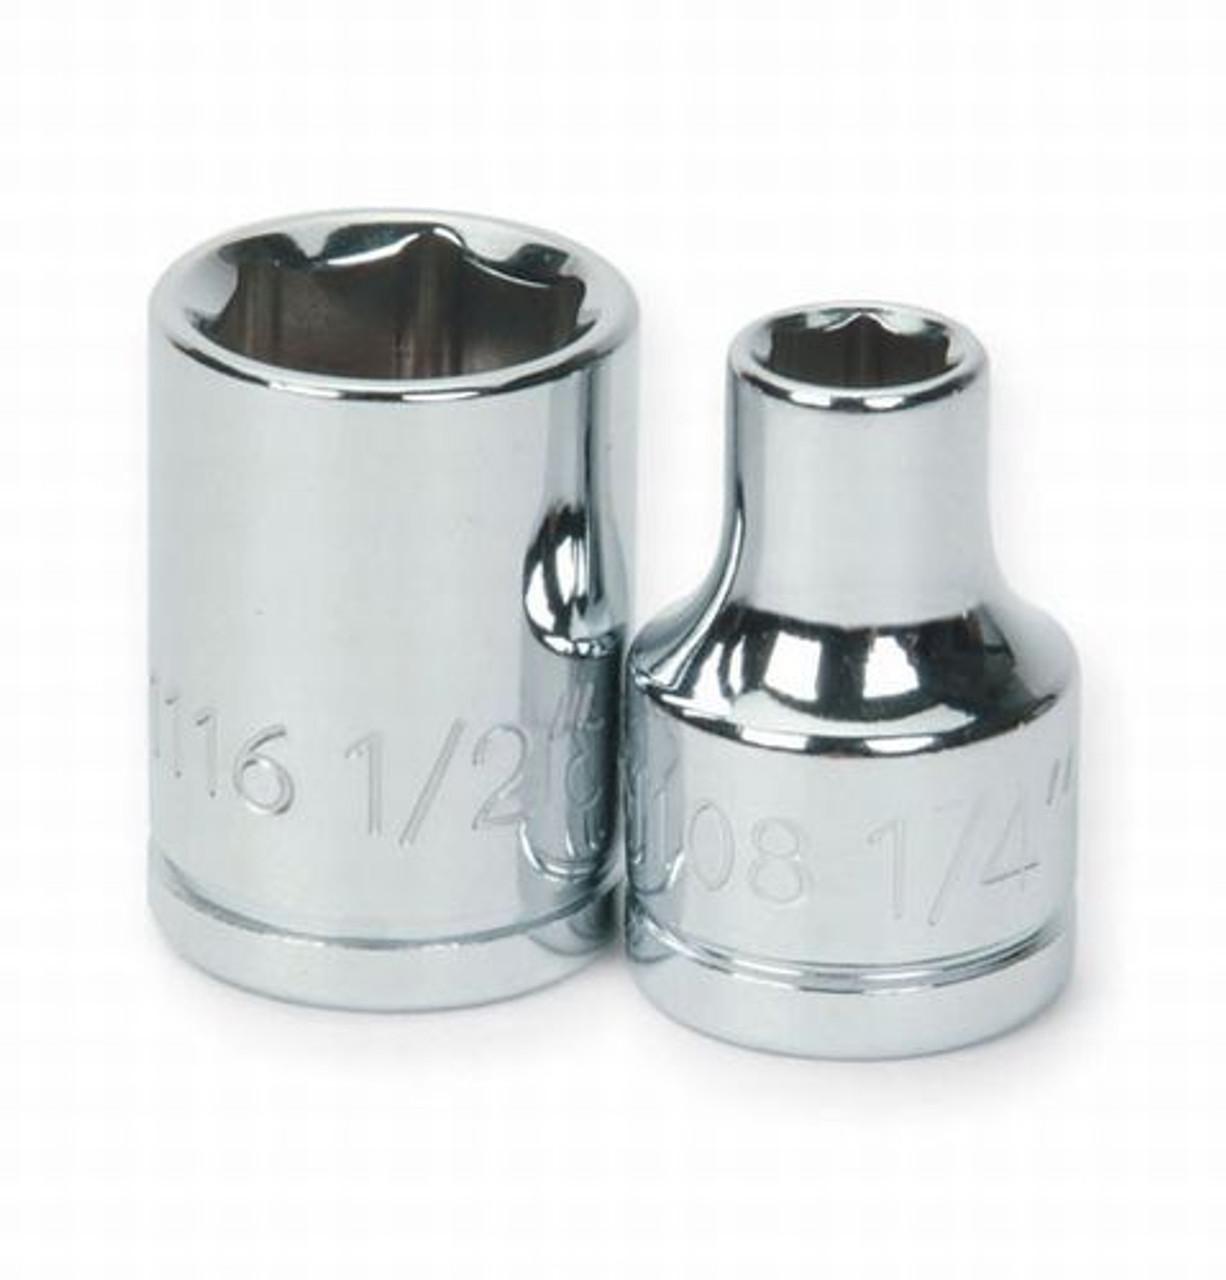 8 Pack 14mm Metric Bonded Seal 14.5mm ID AF 9500-14